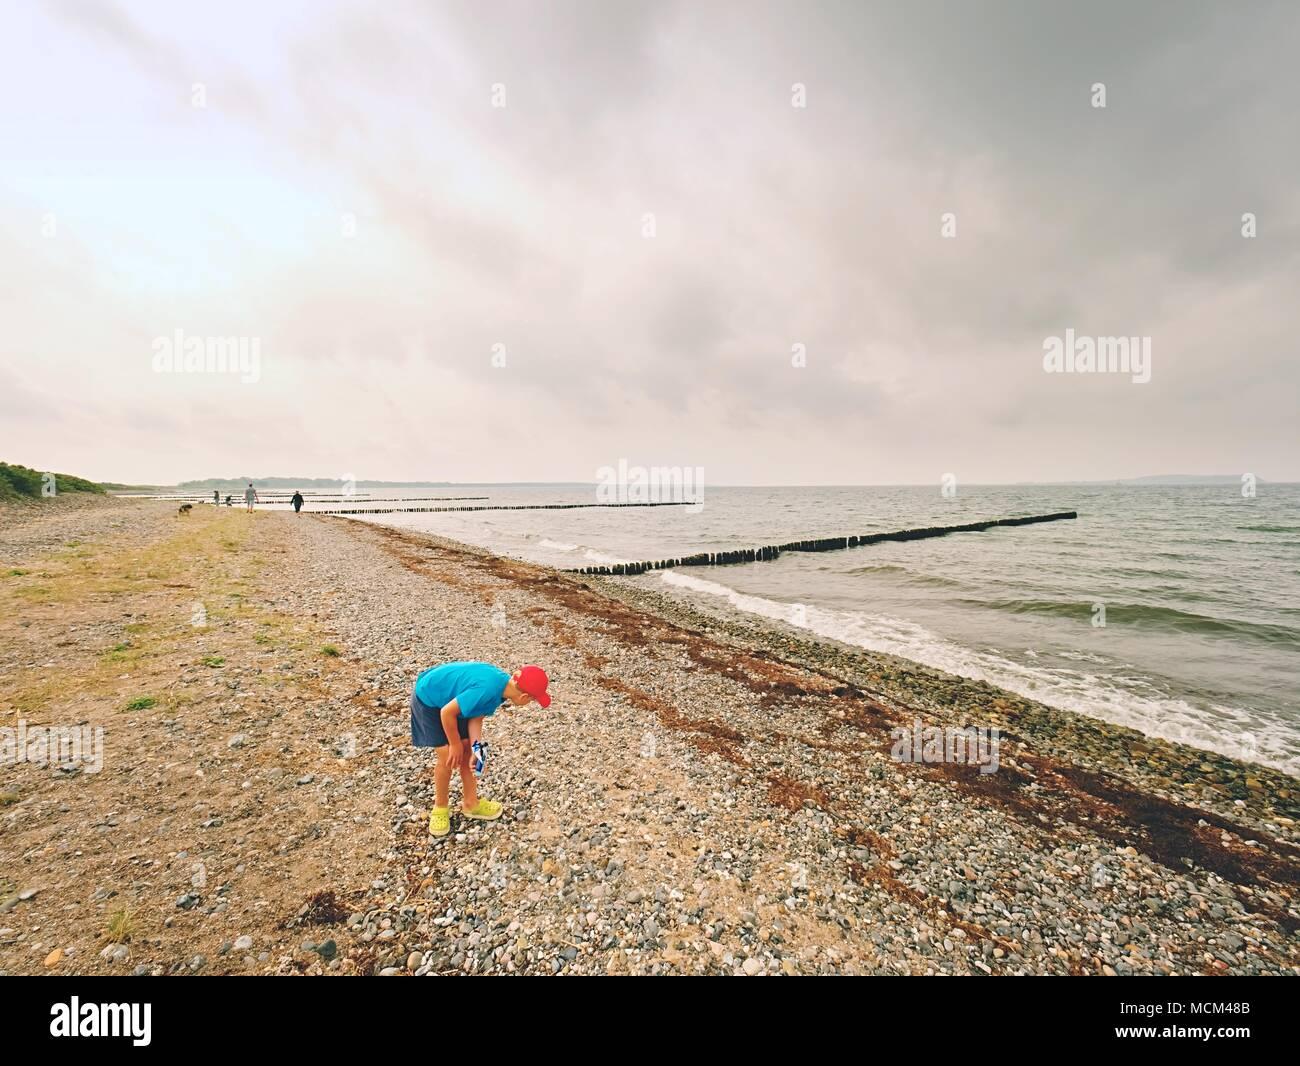 Eine nachdenkliche blonde junge Aufenthalt am Strand in der Nähe von Wasser. Langen steinigen Strand mit hölzernen Wellenbrecher eine Küste von der Kraft der Wellen im Meer zu schützen. Stockbild